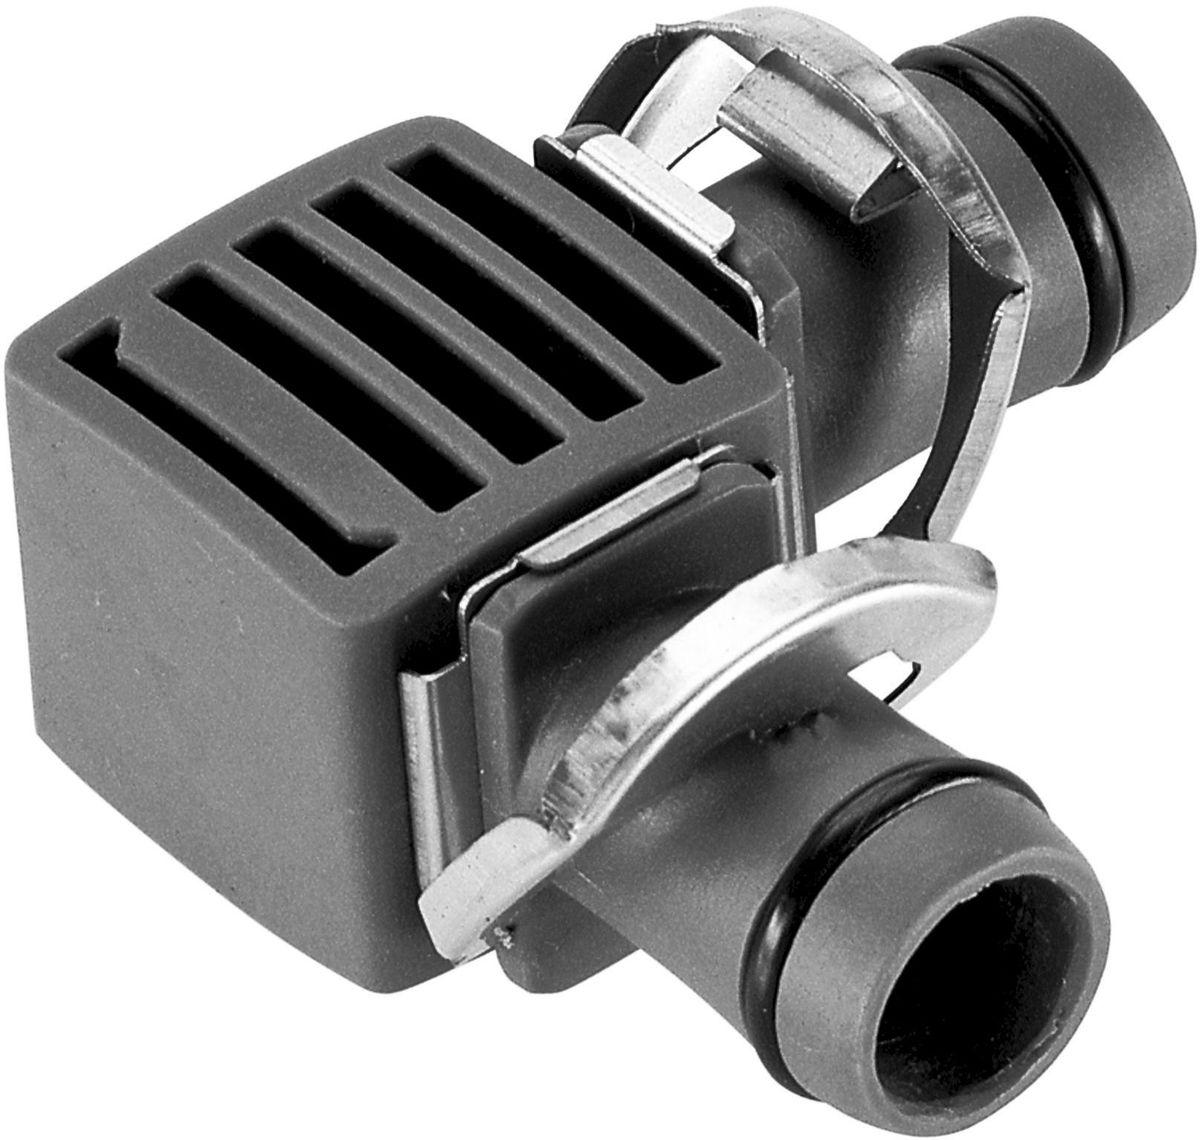 Соединитель Gardena, L-образный, резьба 13 мм (1/2), 2 штRC-100BACСоединитель L-образный Gardena является элементом системы микрокапельного полива Gardena Micro-Drip-System и предназначен для изменения направления магистрального шланга. Благодаря патентованной технологии быстрого подсоединения Quick & Easy, установка соединителя чрезвычайно проста. В комплект поставки входят два L-образных соединителя.